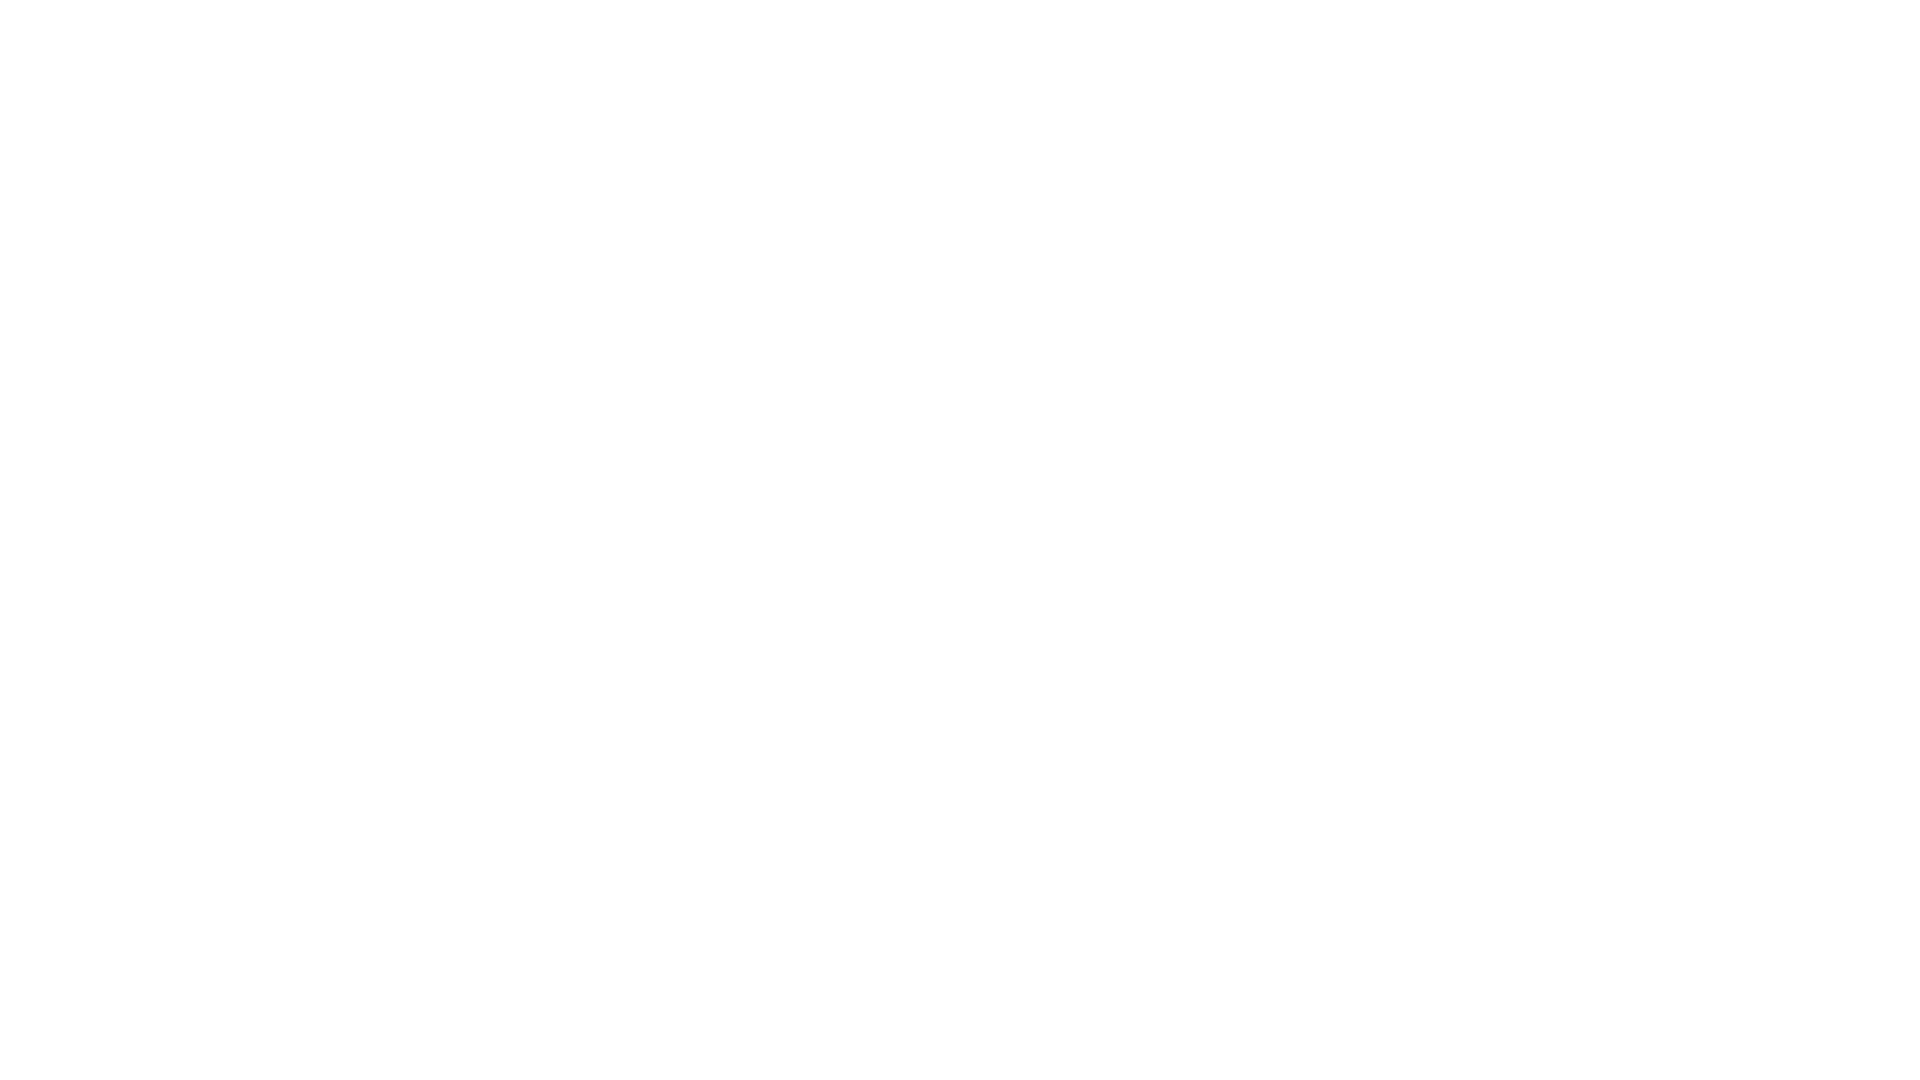 Картинки для проверки на битые пиксели 4к